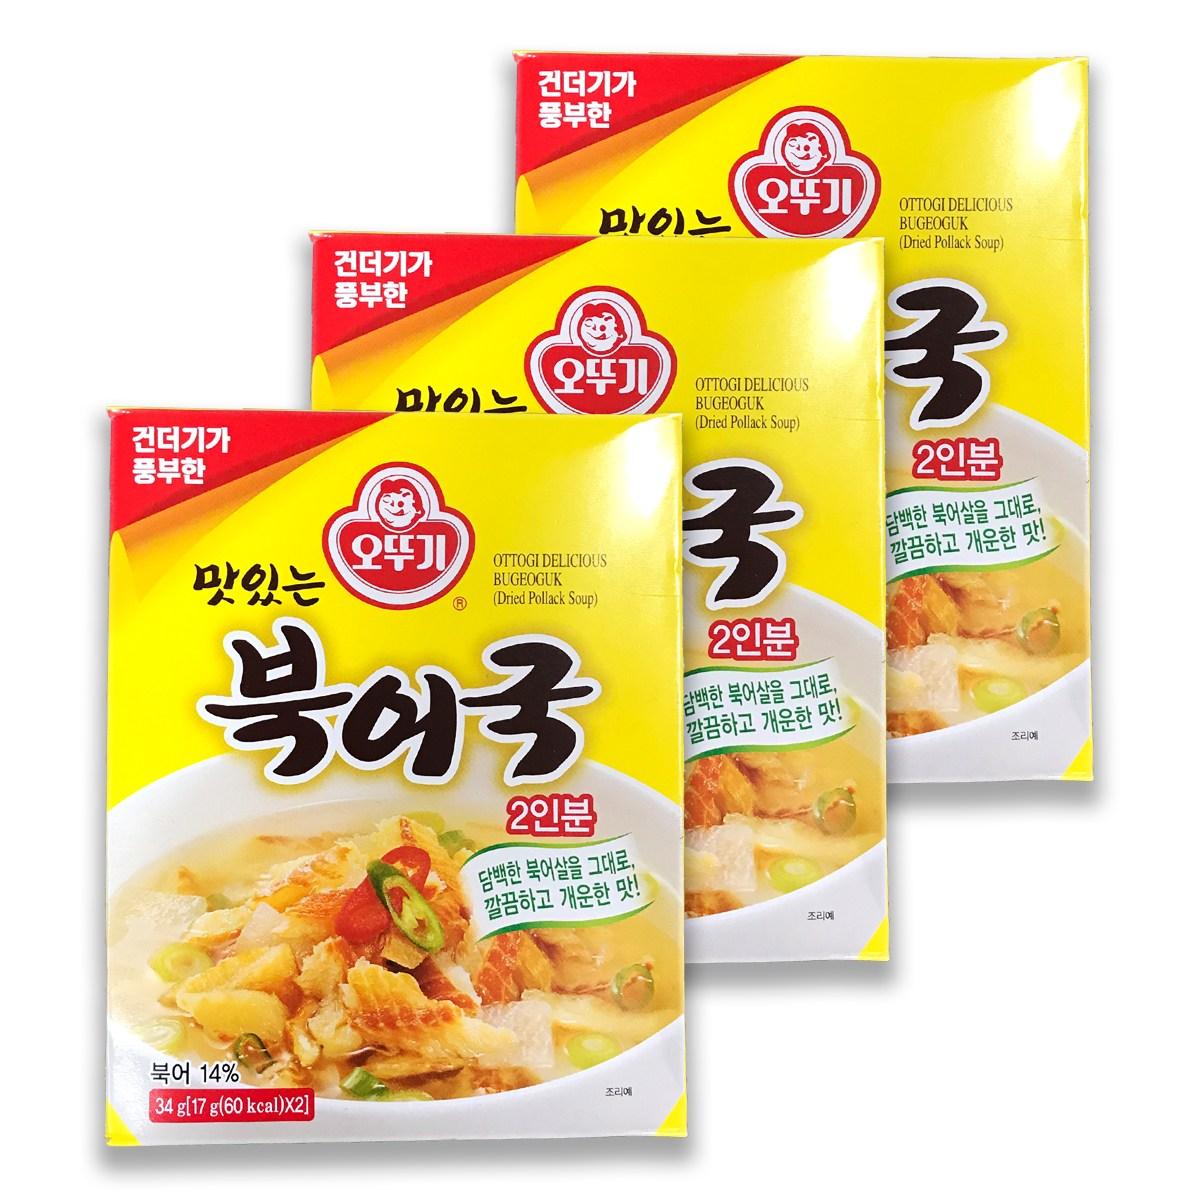 예이니종합물류 오뚜기 맛있는 북어국 3개(34g*3개)탕찌개해장미역국밥 즉석간편요리식품, 34g, 3개